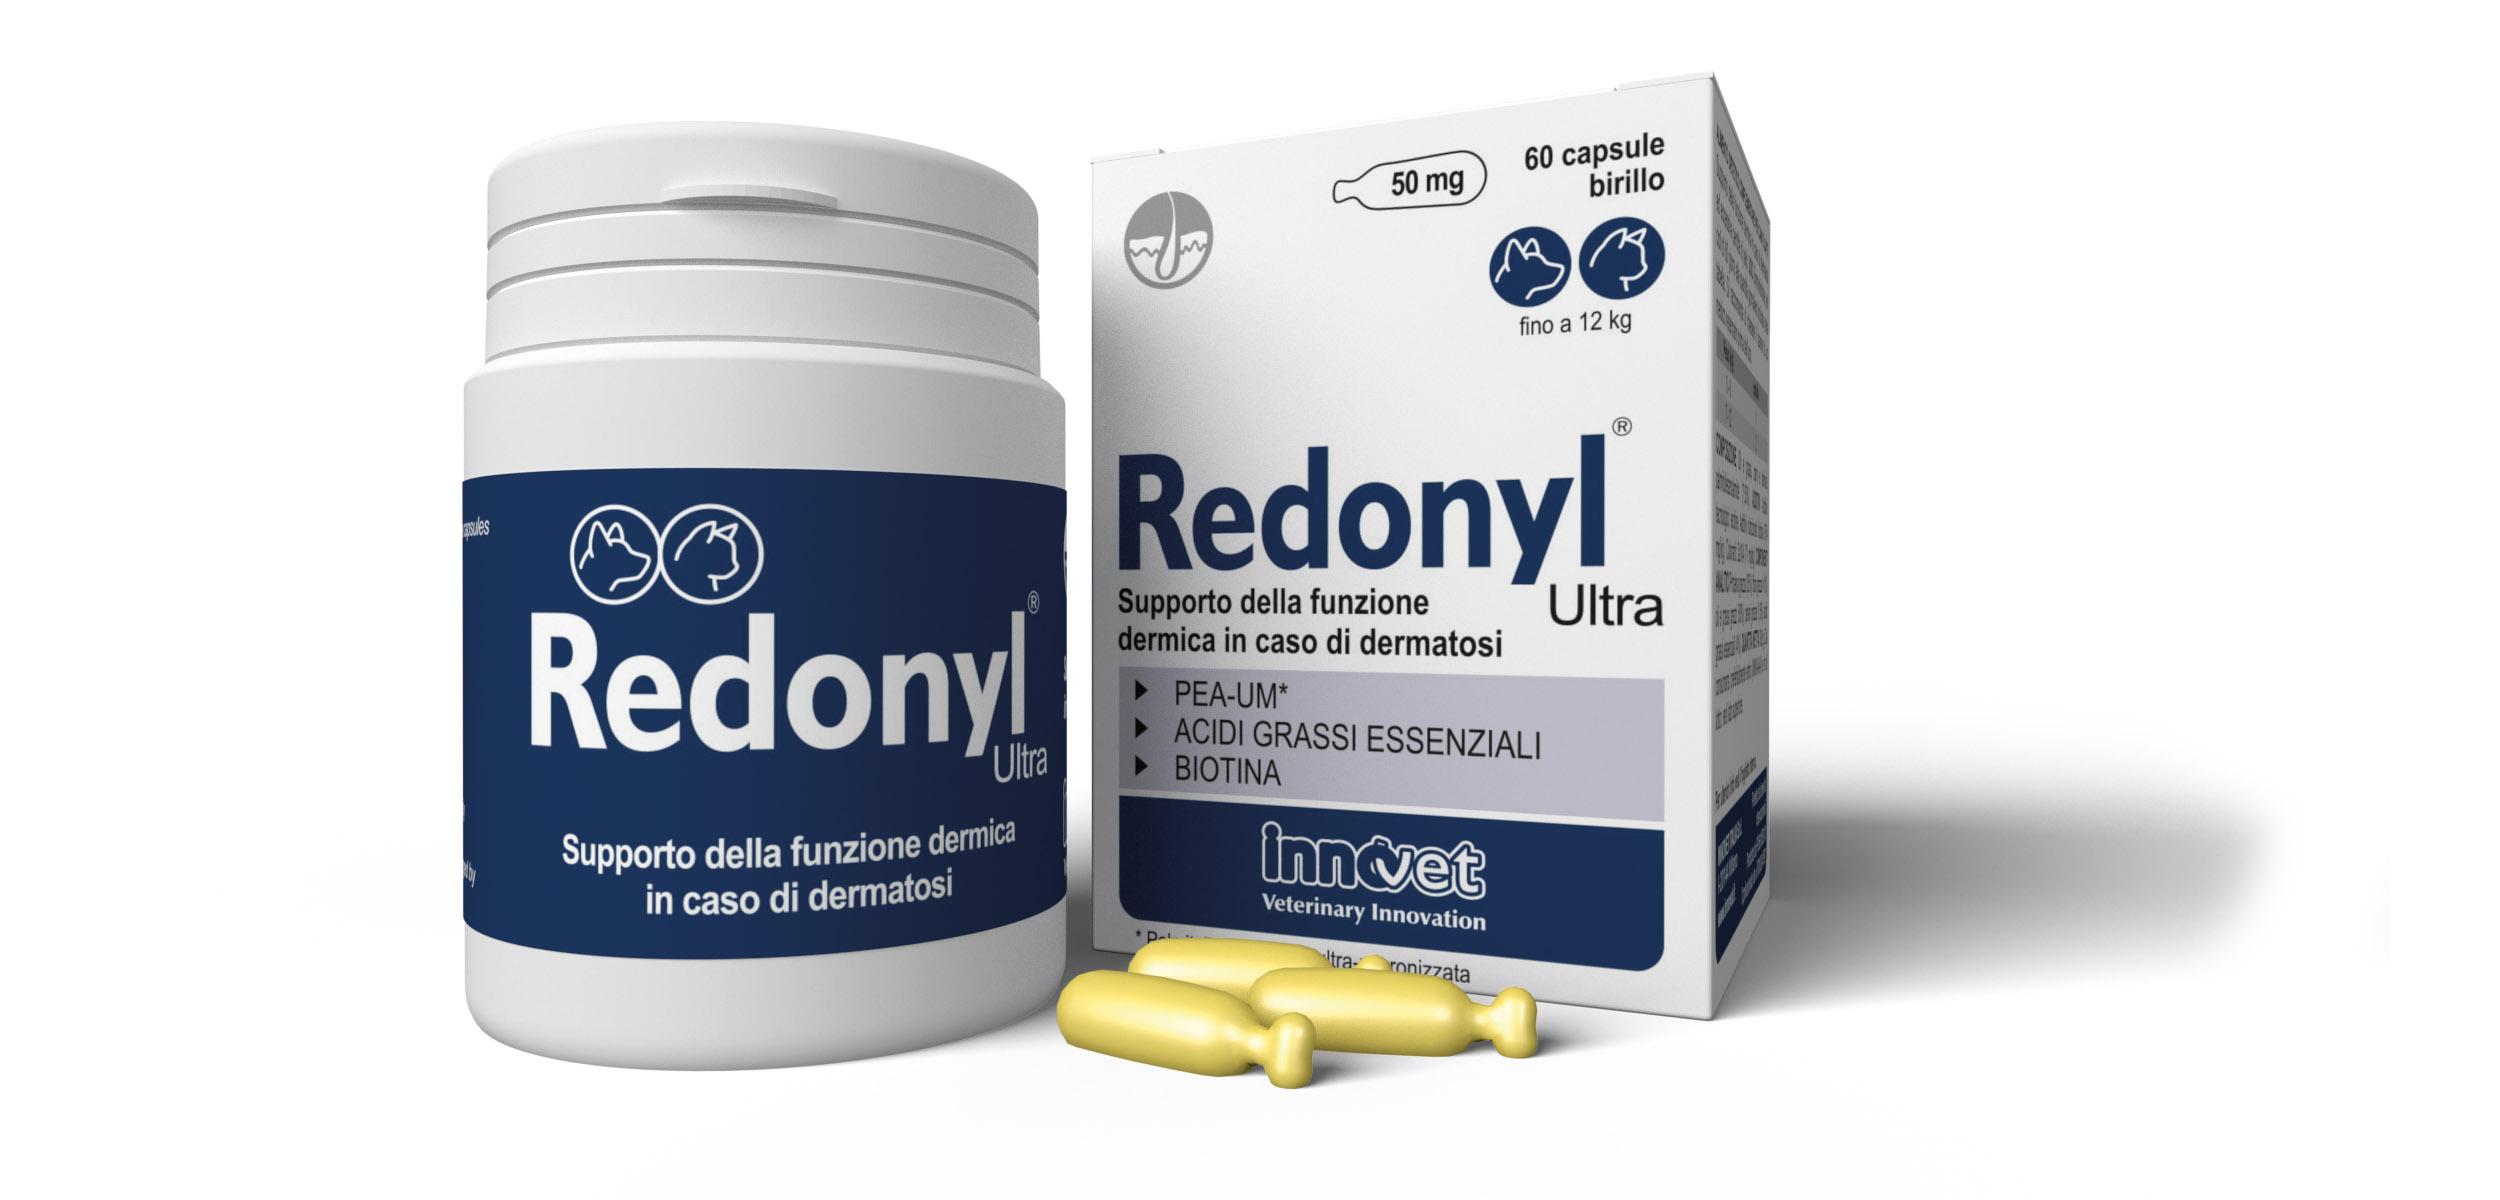 Redonyl Ultra - 1 Confezione | 60 Capsule da 50 mg